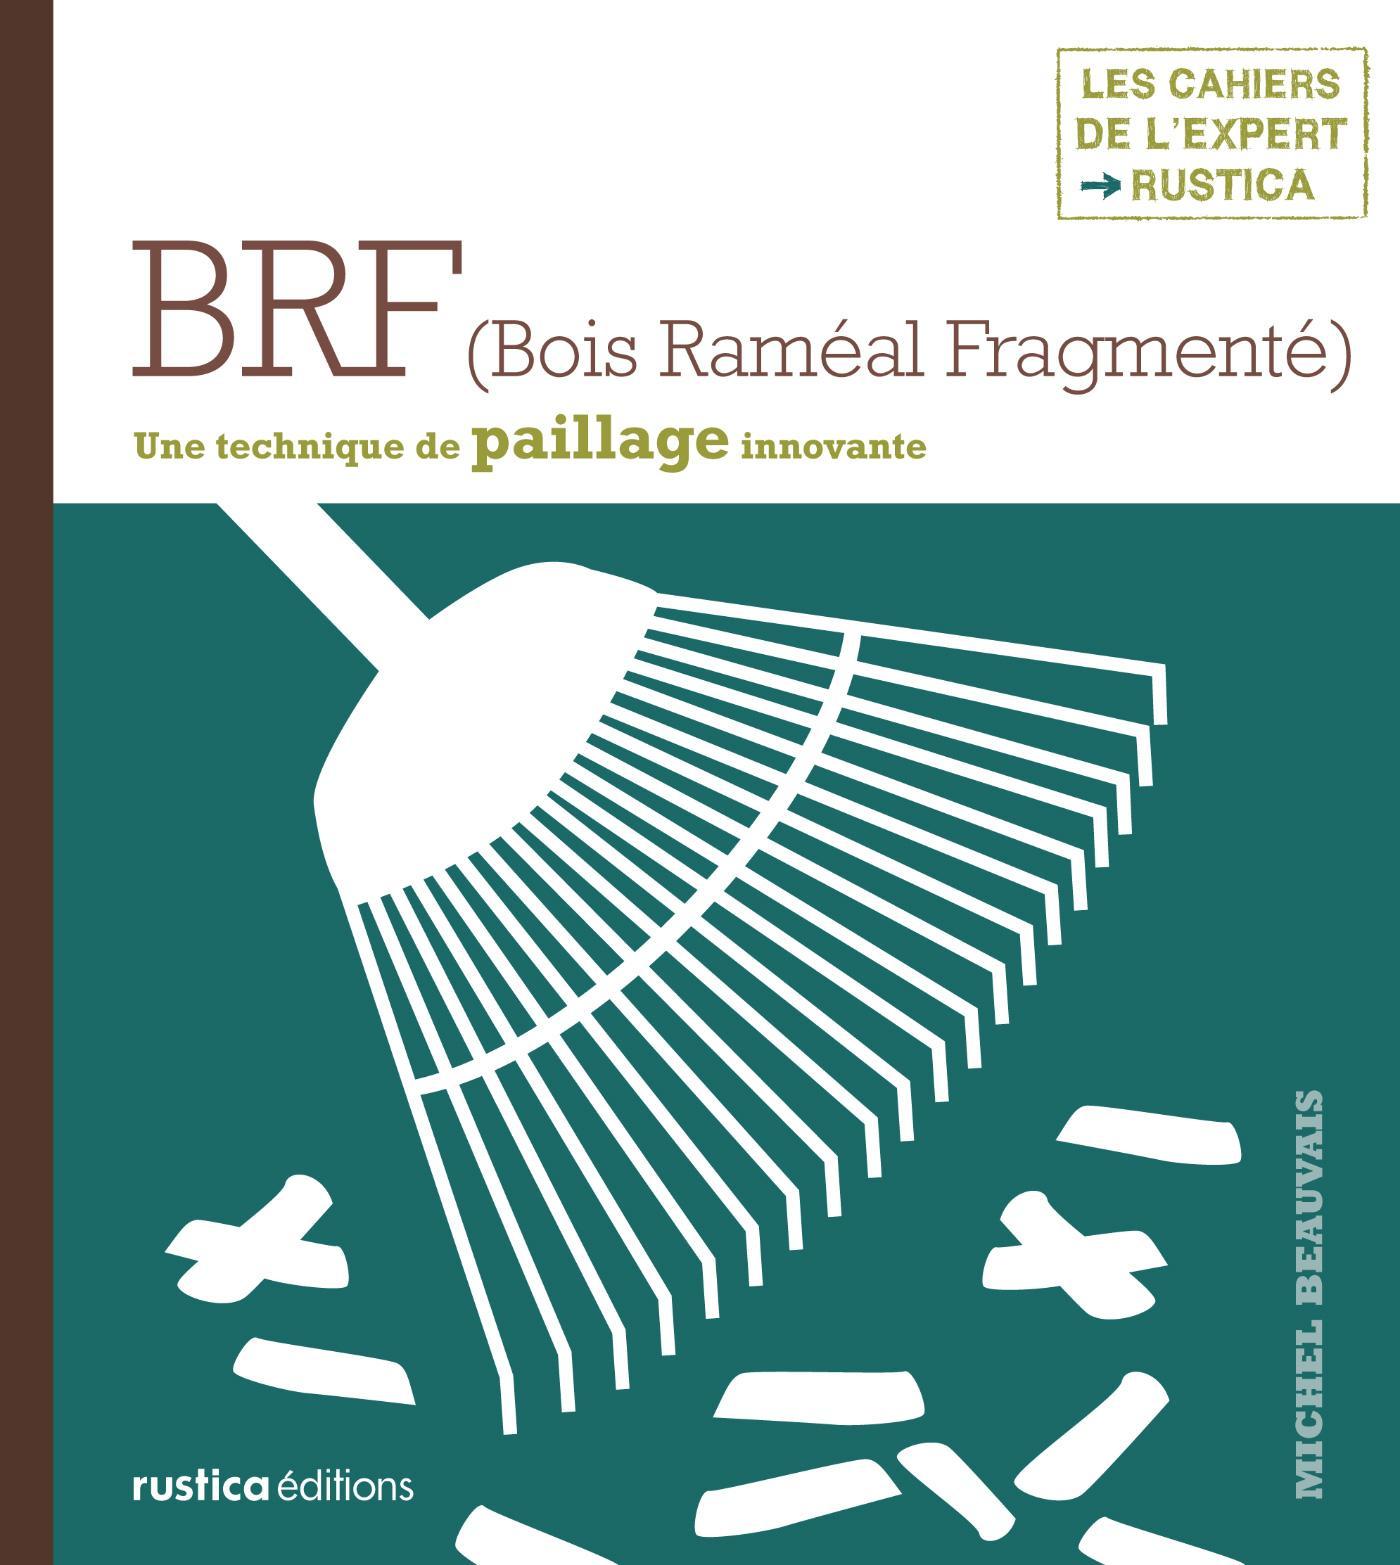 BRF (Bois Raméal Fragmenté), UNE TECHNIQUE DE PAILLAGE INNOVANTE